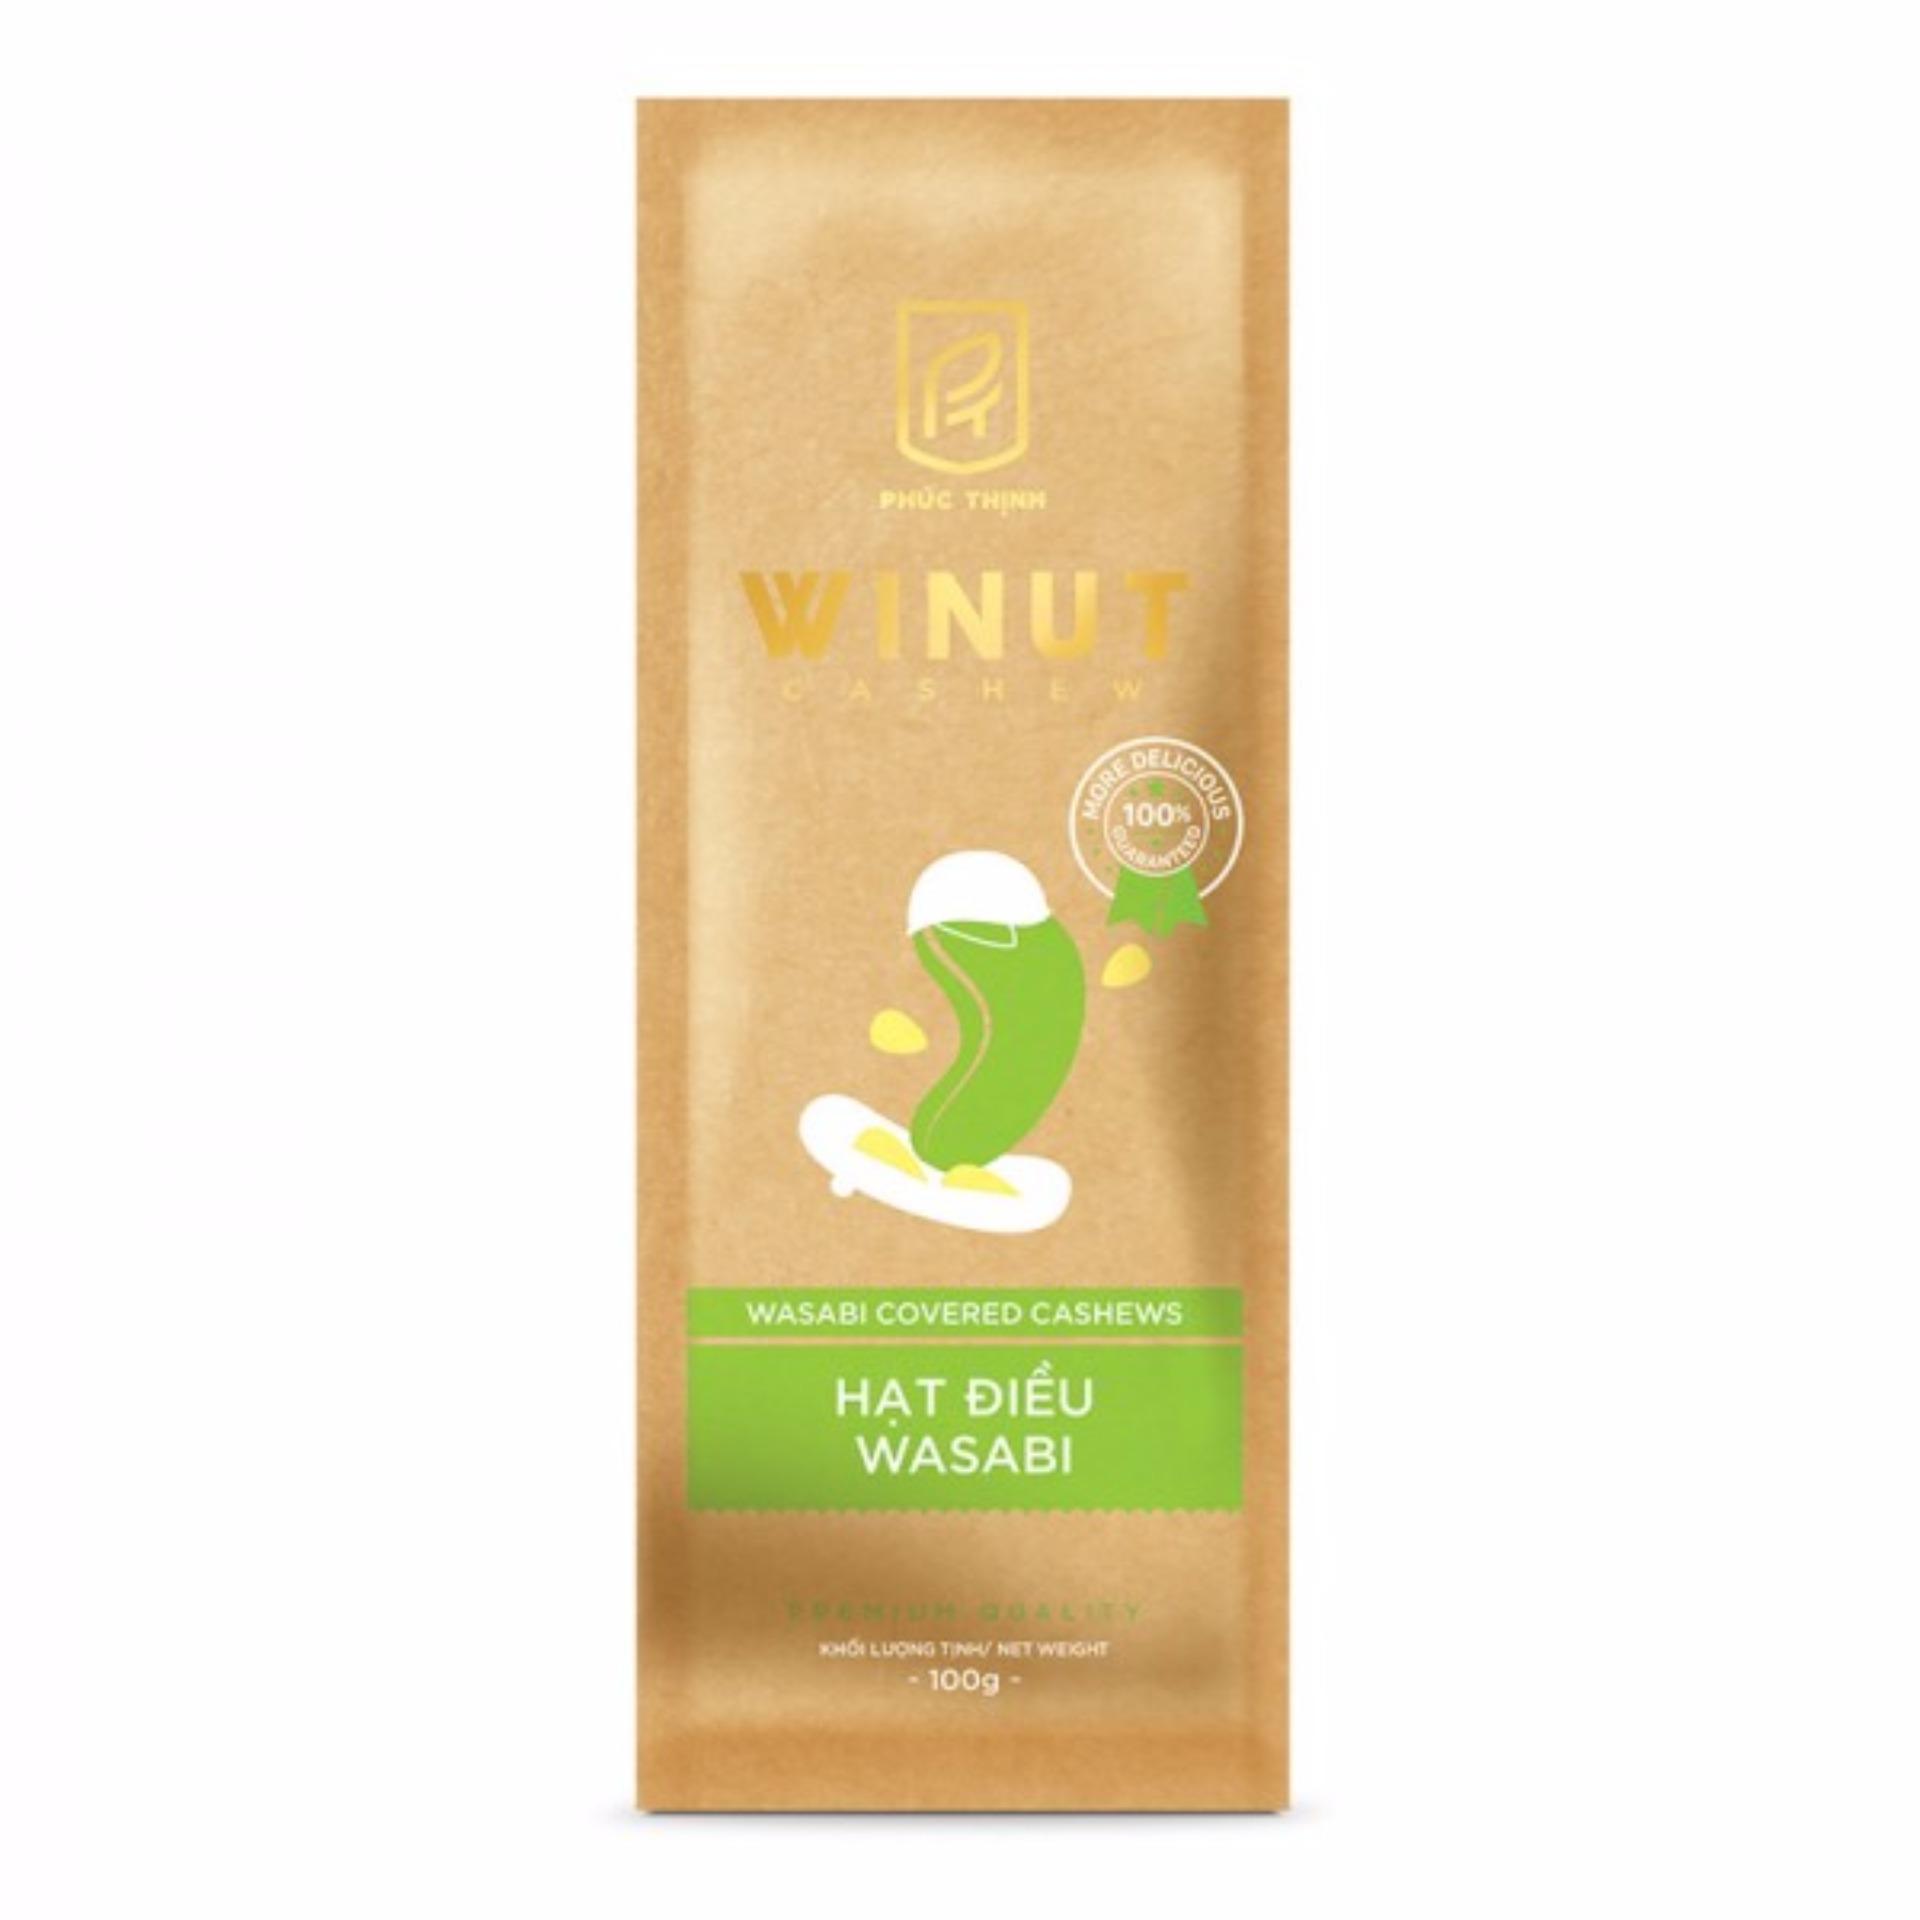 Hạt điều vị wasabi Winut 100gr (Túi giấy)